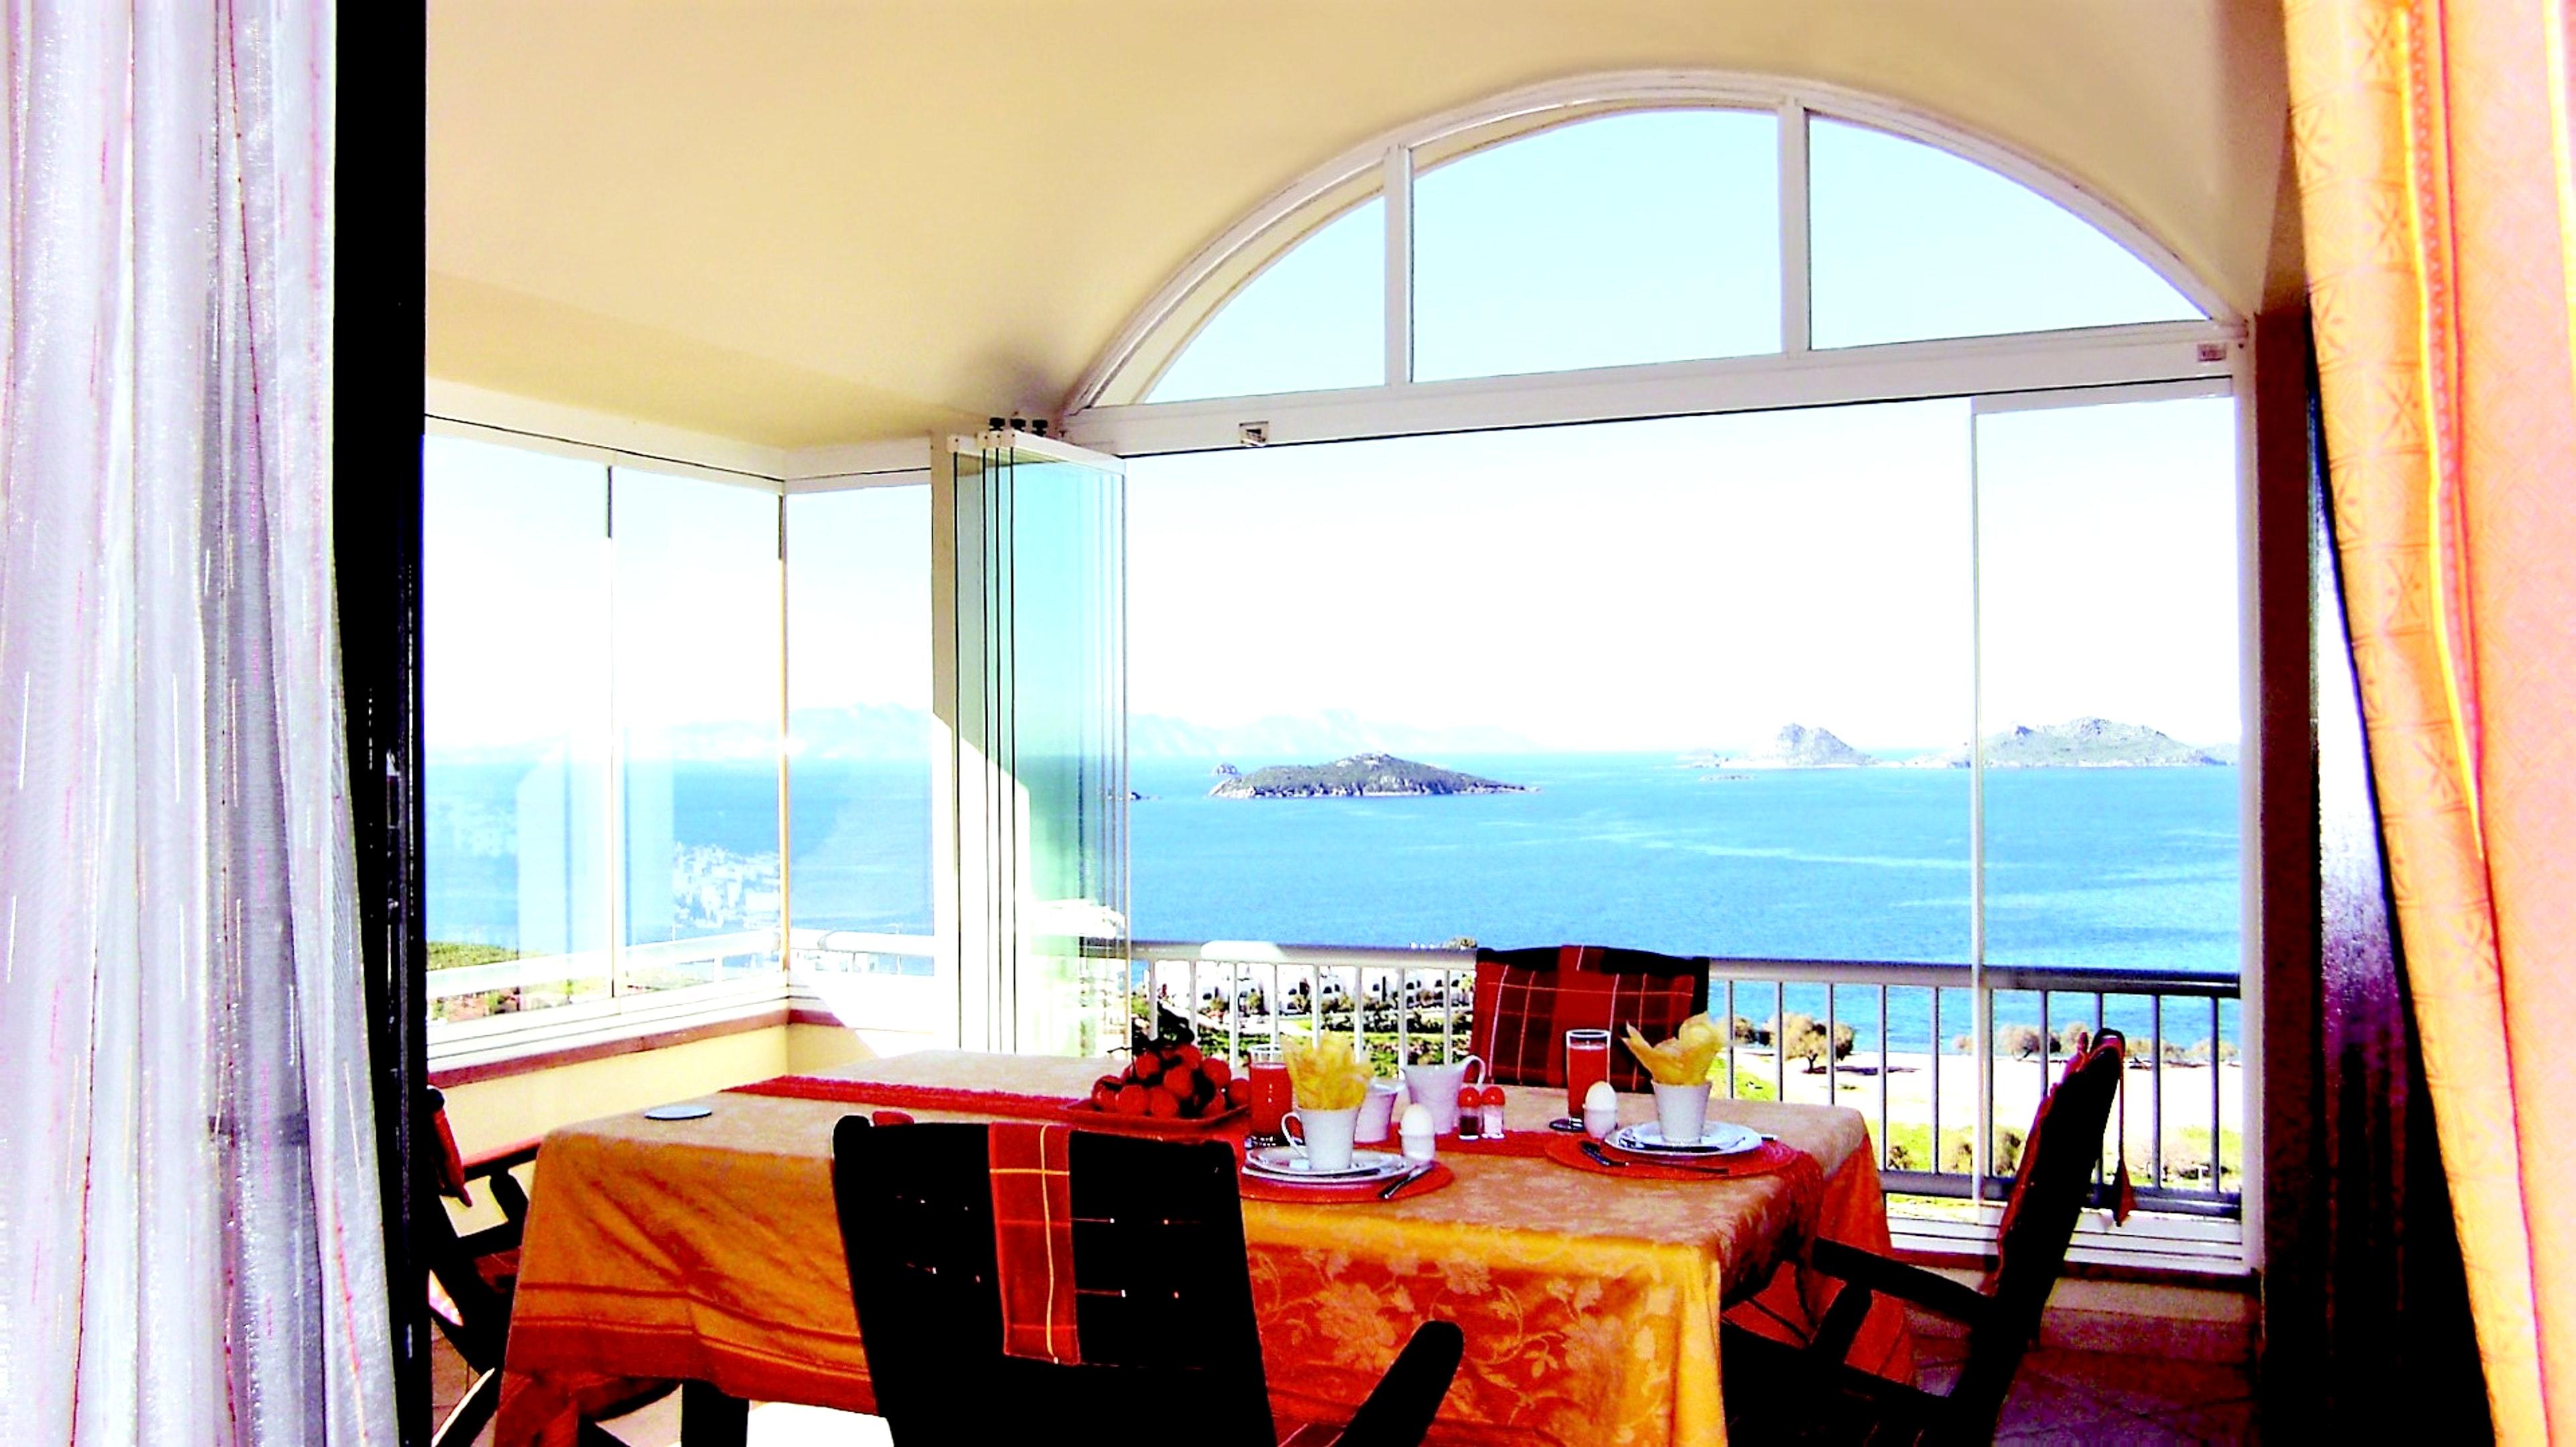 Ferienhaus Villa mit 3 Schlafzimmern in Turgutreis,Bodrum mit herrlichem Meerblick, Pool, eingezäunte (2202326), Turgutreis, , Ägäisregion, Türkei, Bild 10